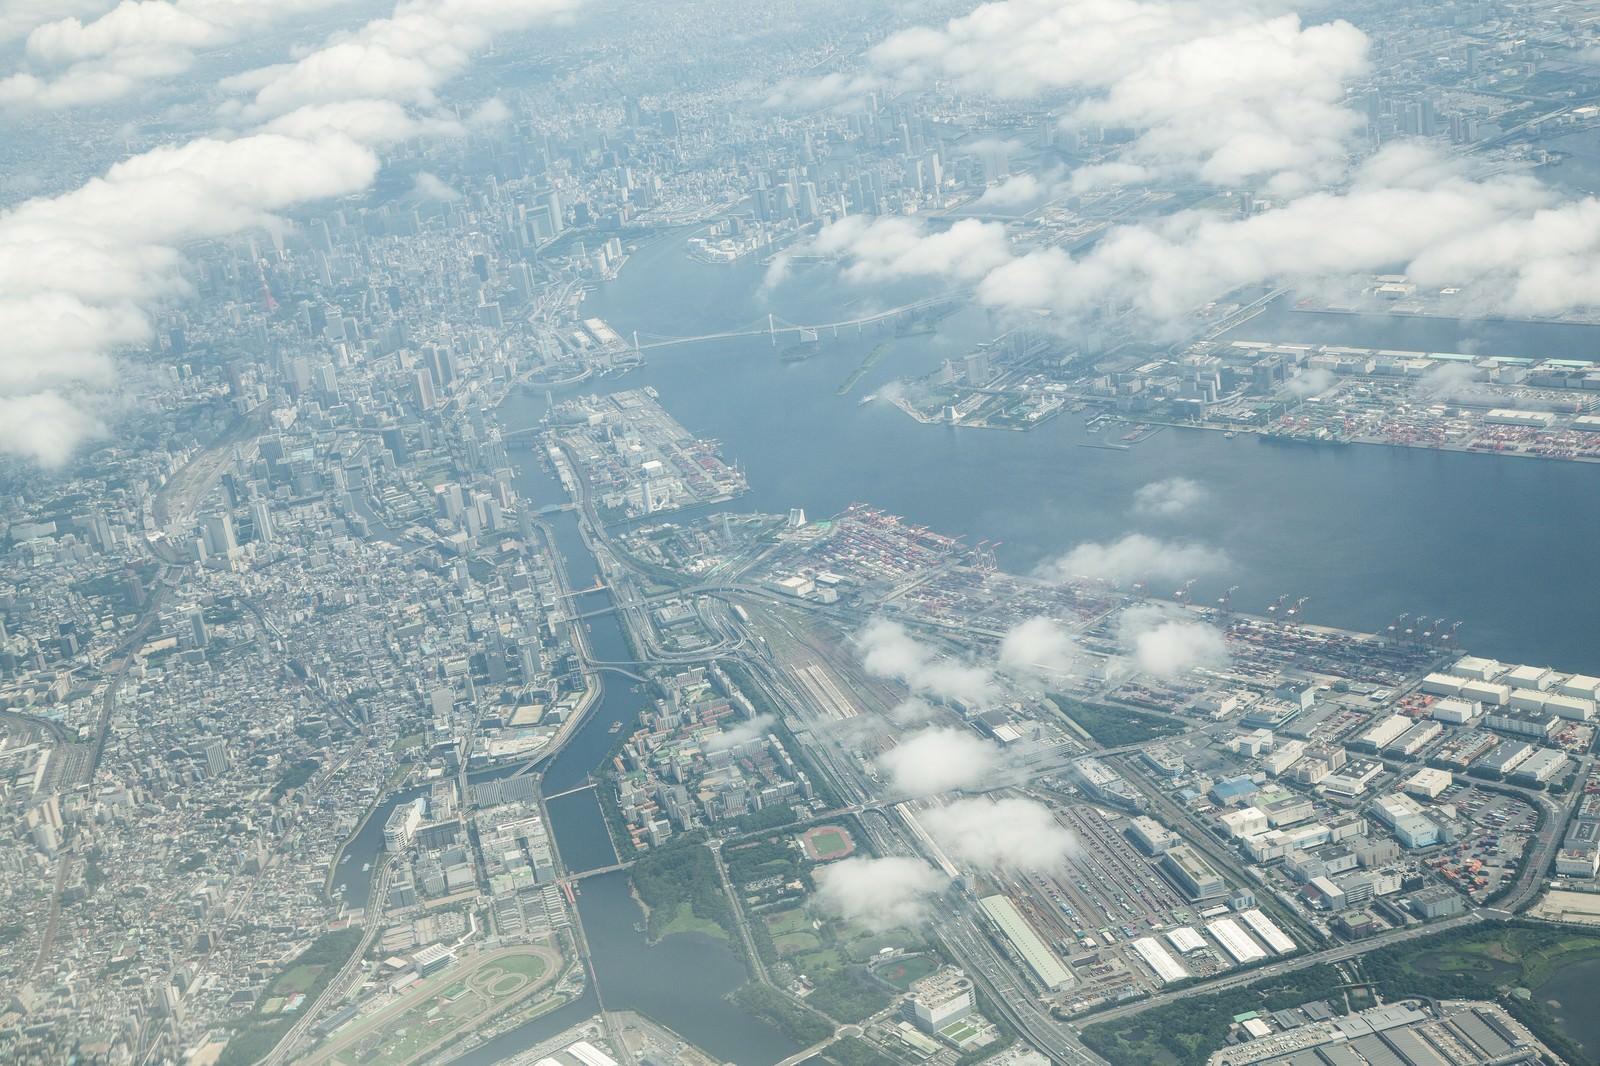 「羽田空港から離陸後の都会の様子」の写真